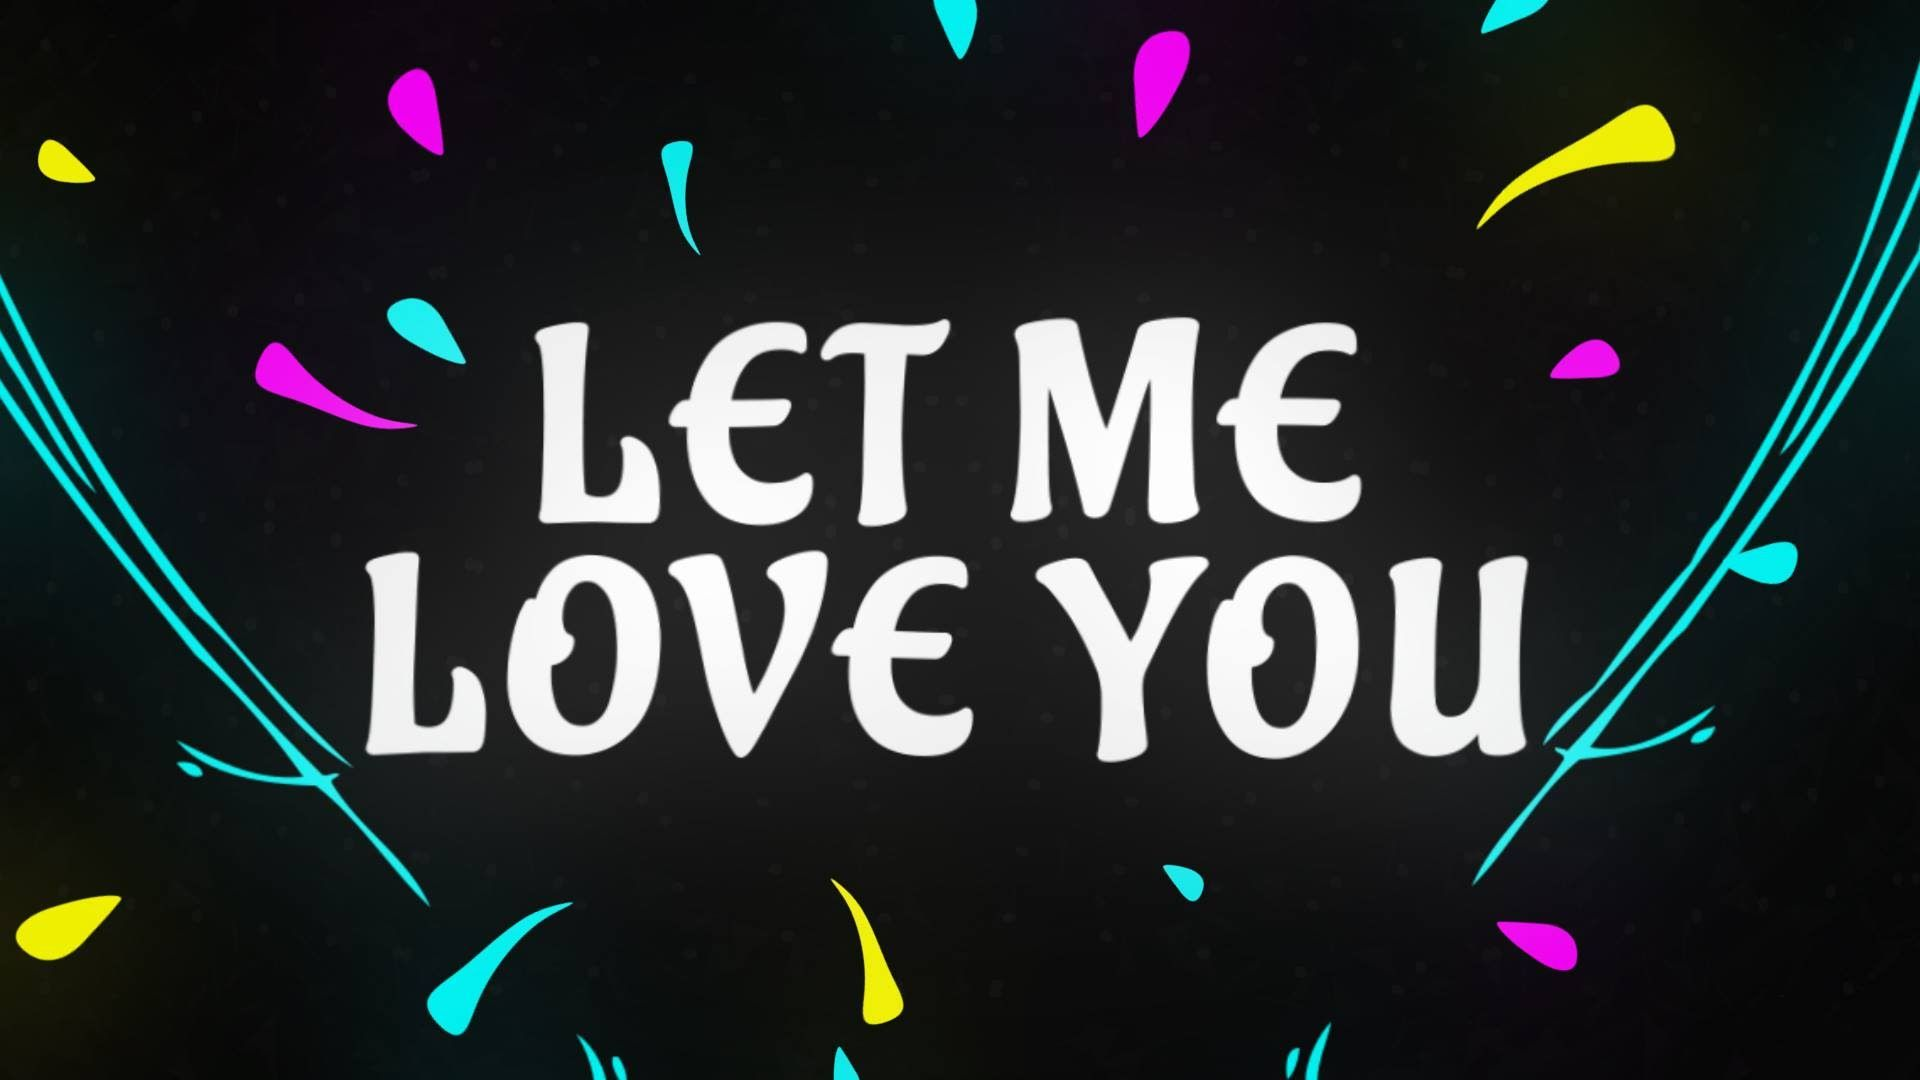 New Dj Snake Ft Justin Bieber Let Me Love You Love Yourself Lyrics Let Me Love You Yours Lyrics